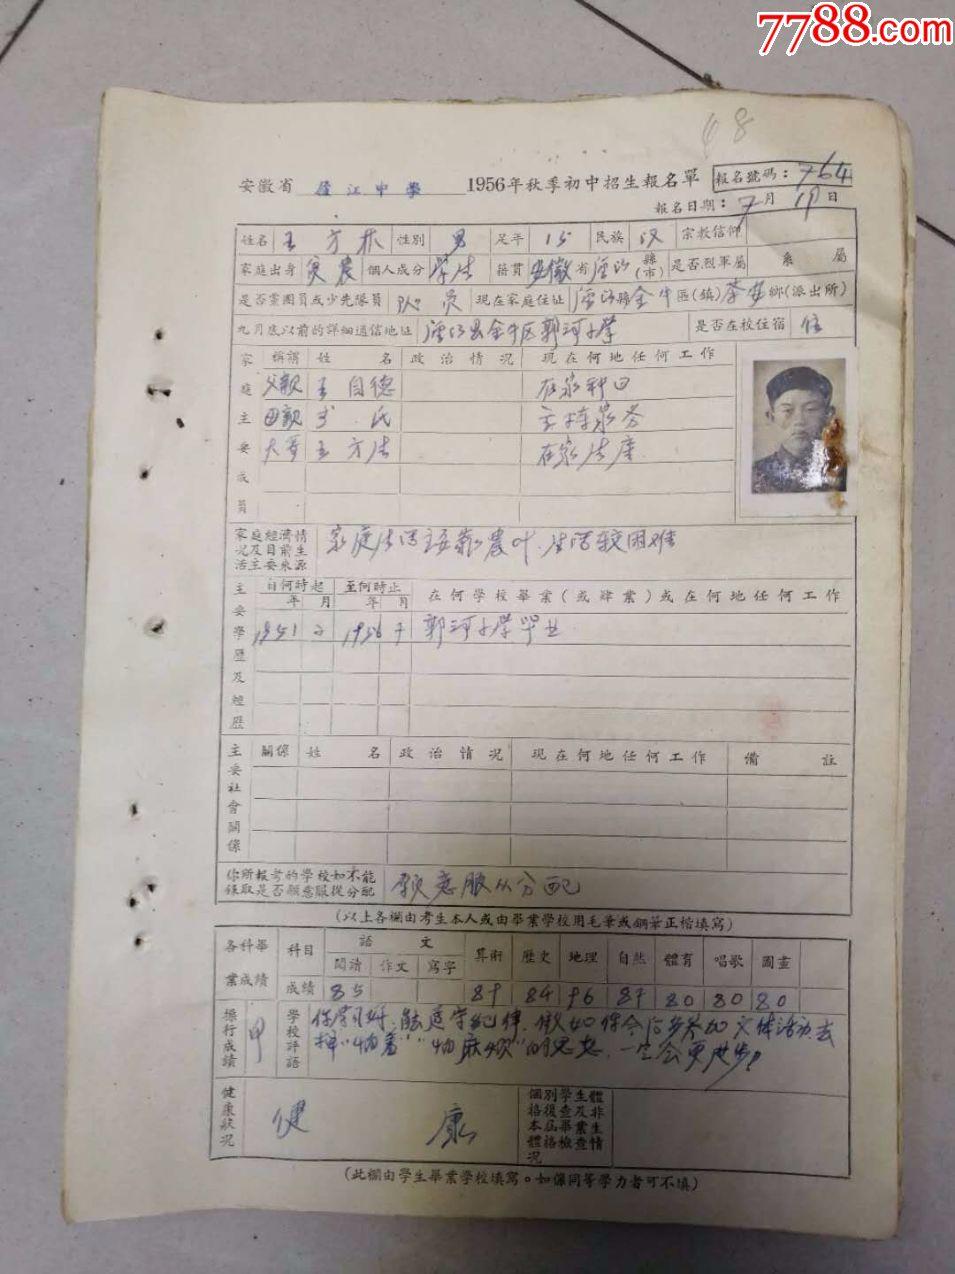 安徽省庐江初中1956年秋季中学校训报名单50一中林州初中部学生图片